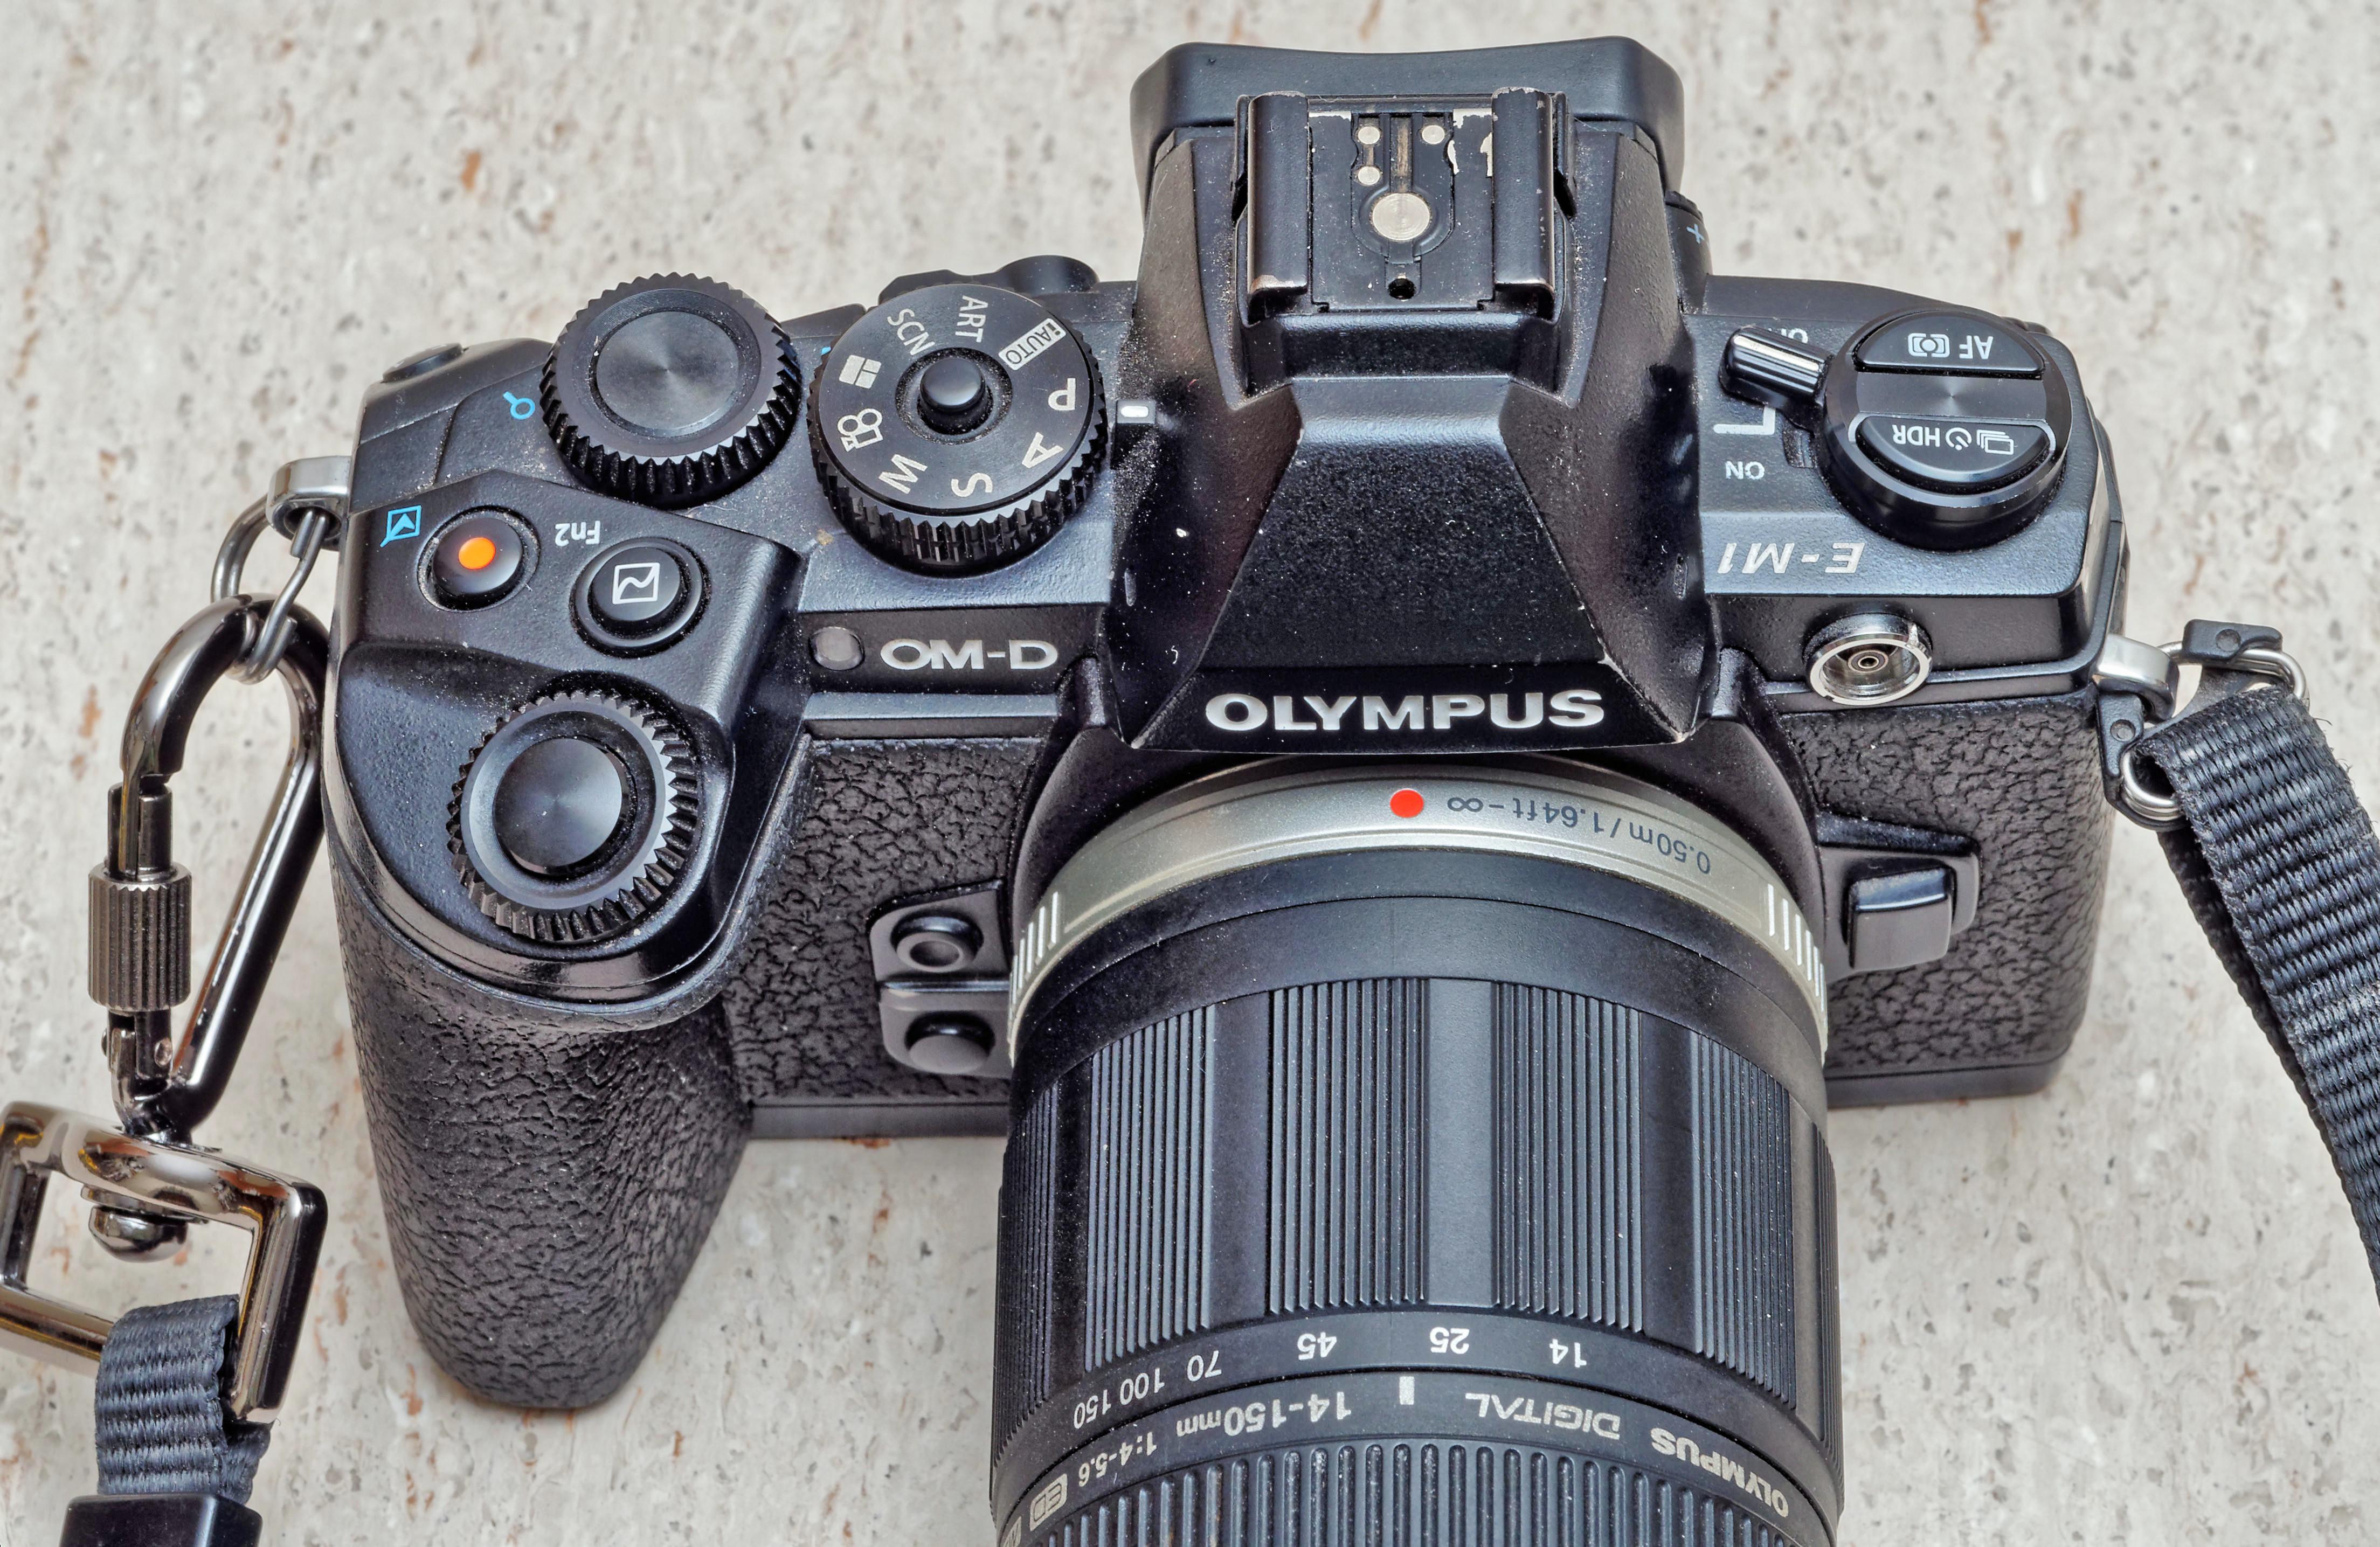 Camera-strap-hooks-3.jpeg